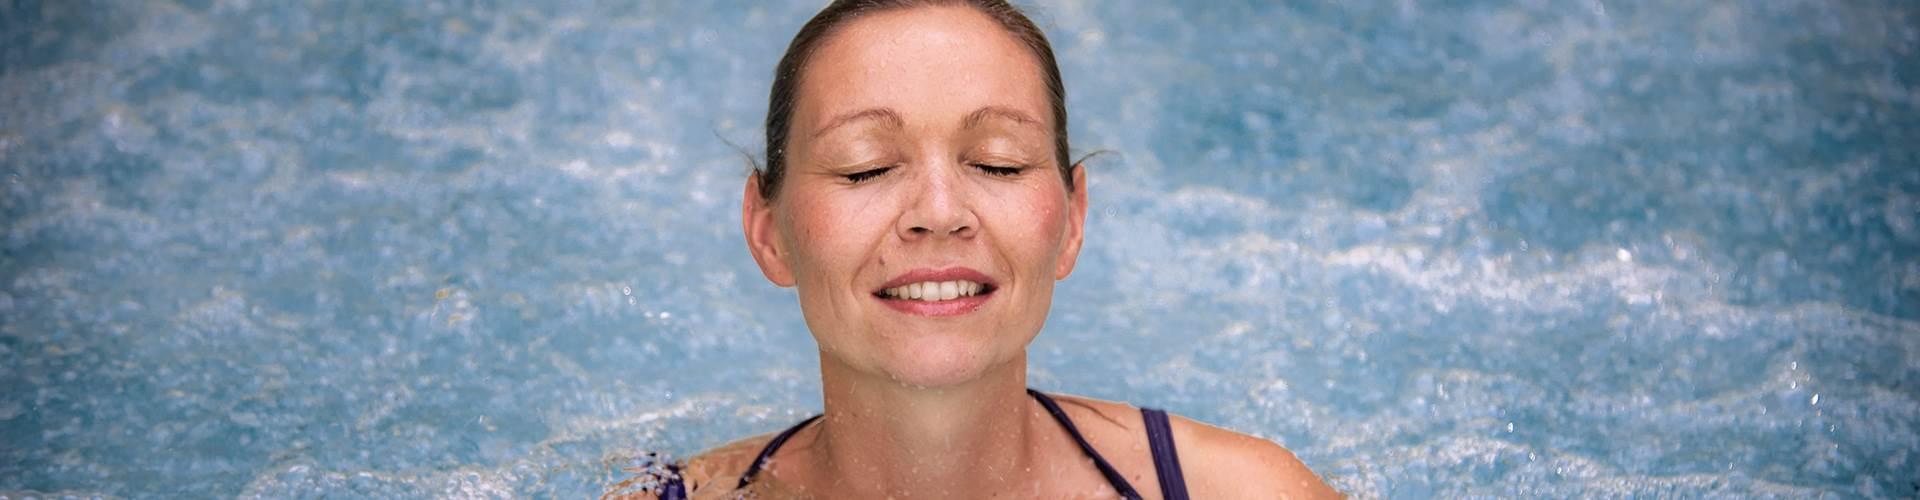 Frau in Thermalbad mit geschlossenen Augen im Portrait